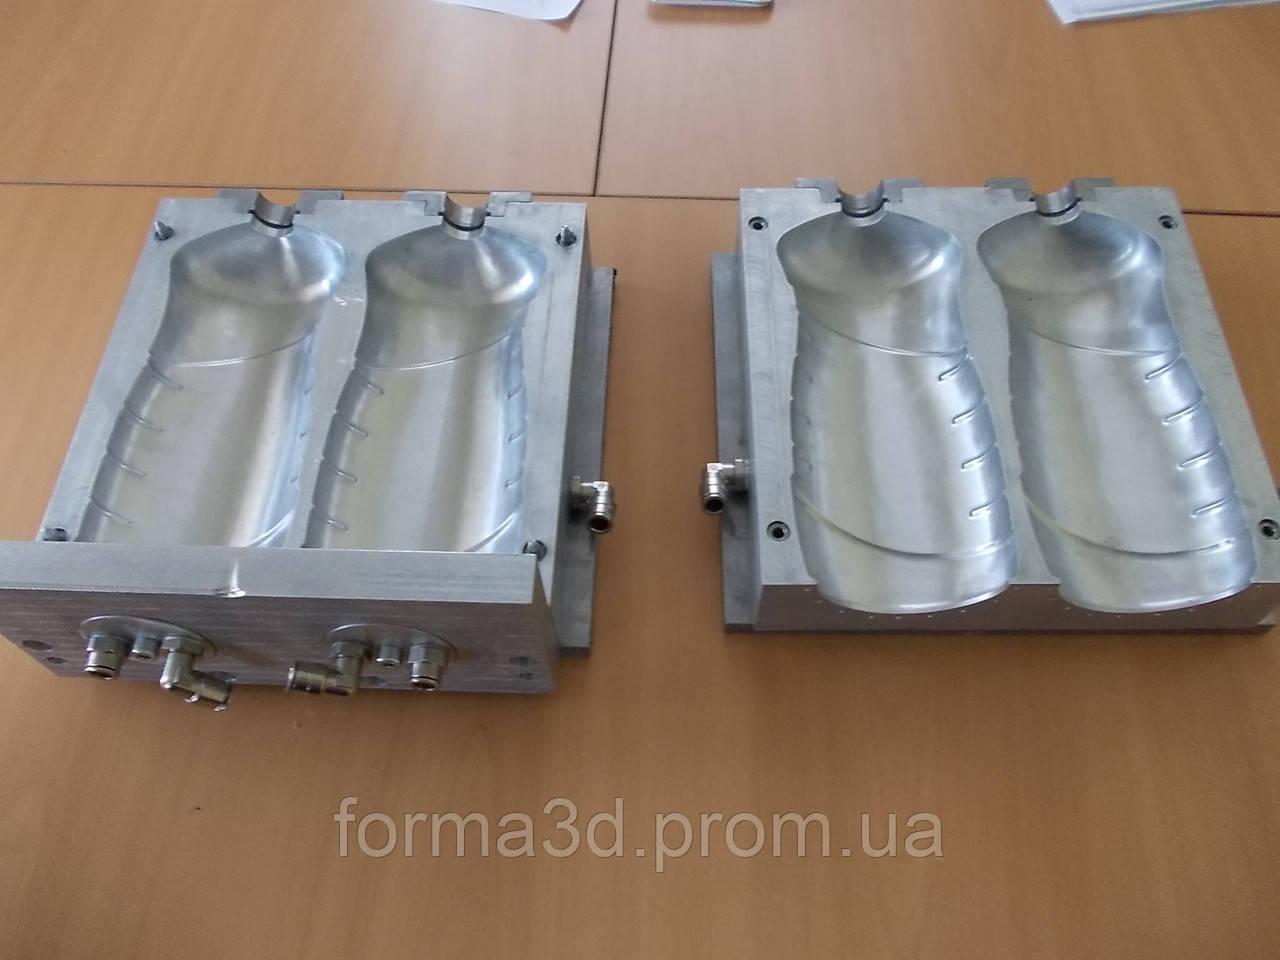 Пресс-формы для выдува ПЭТ бутылок